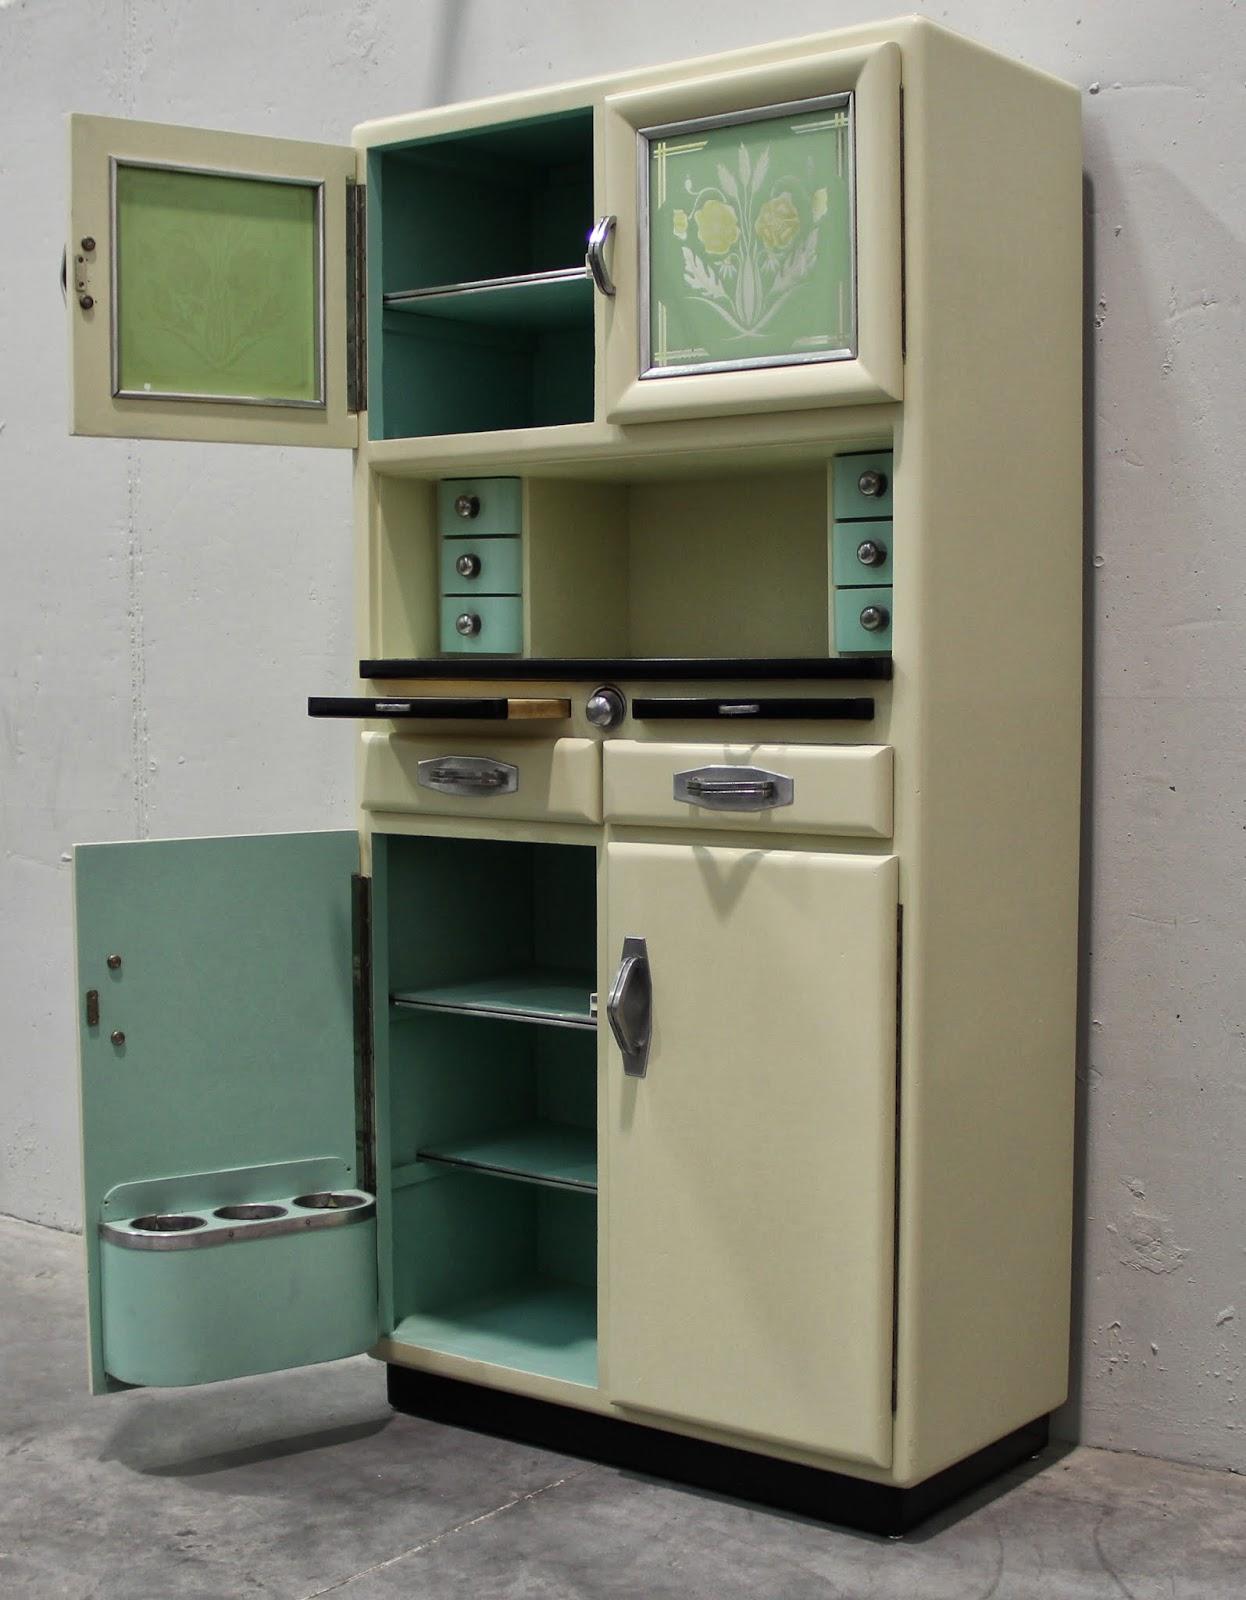 Cocinita madera segunda mano armario de cocina muebles de palet ms muebles de cocina segunda - Milanuncios barcelona muebles ...